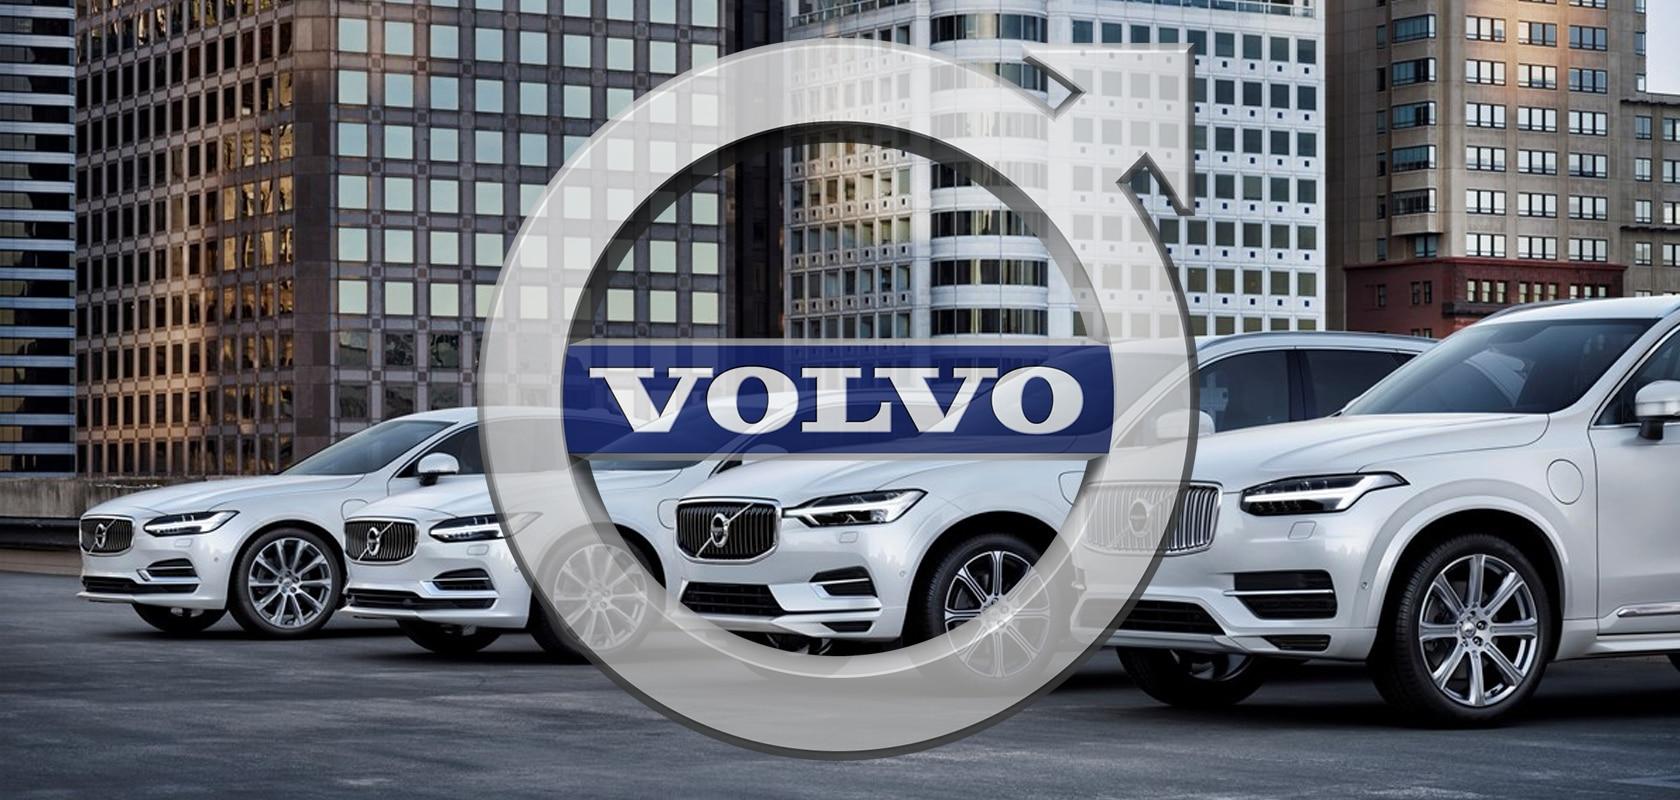 Marque Volvo